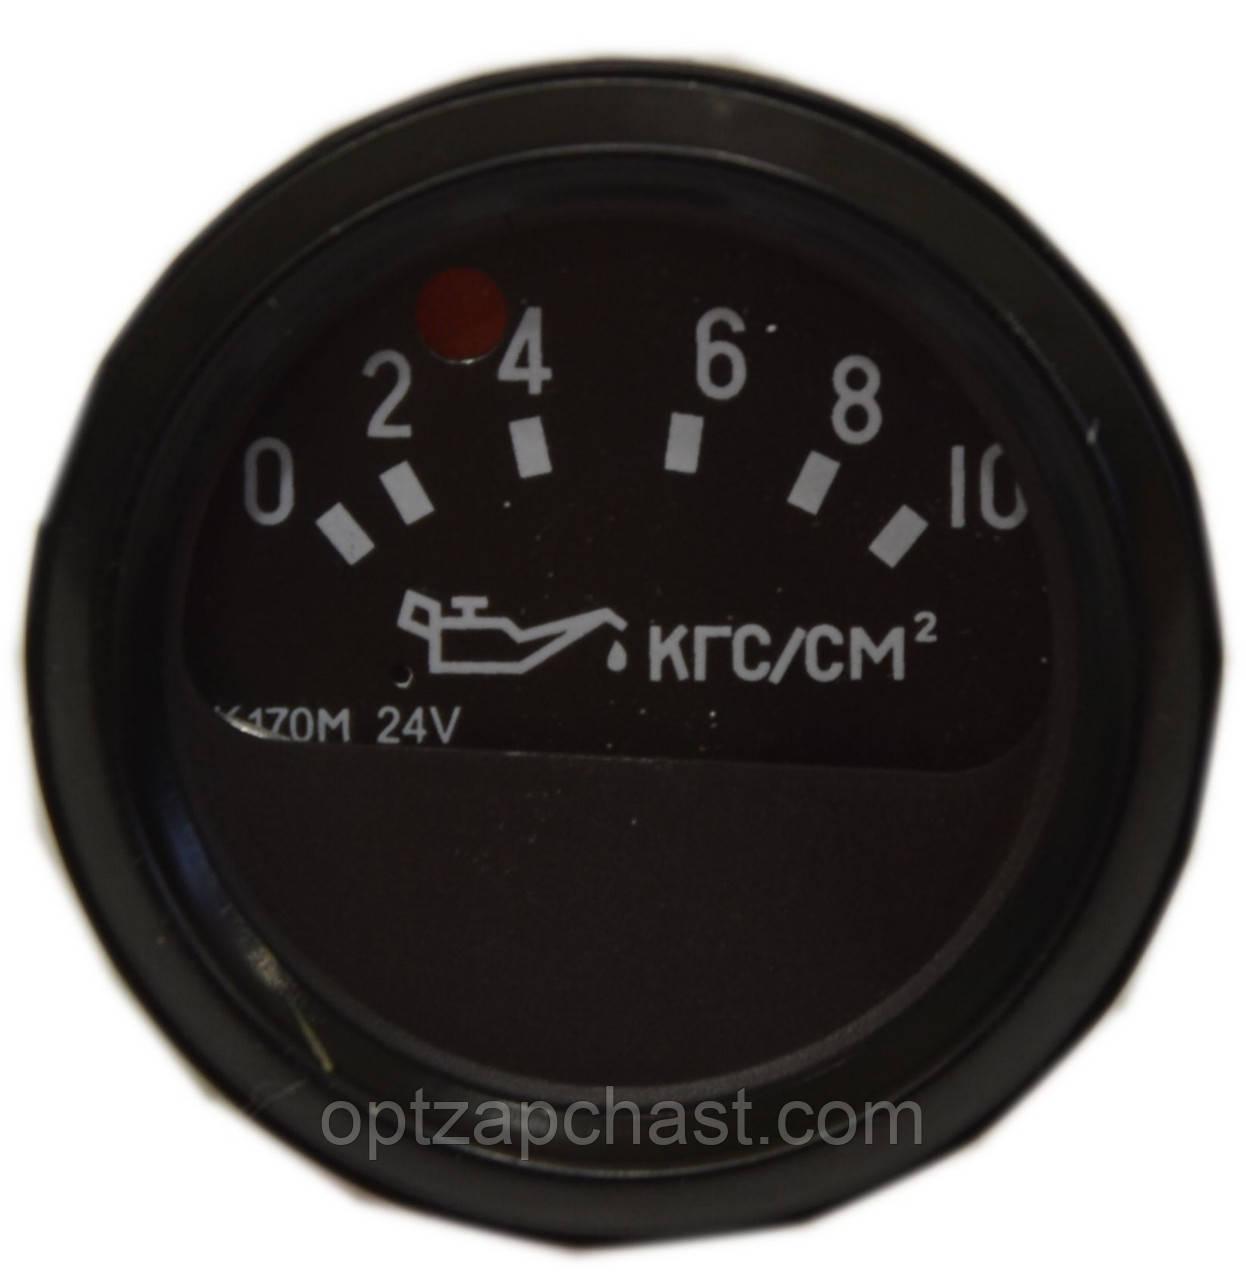 Указатель давления масла электрический КамАЗ 10 МПа 24 Вт